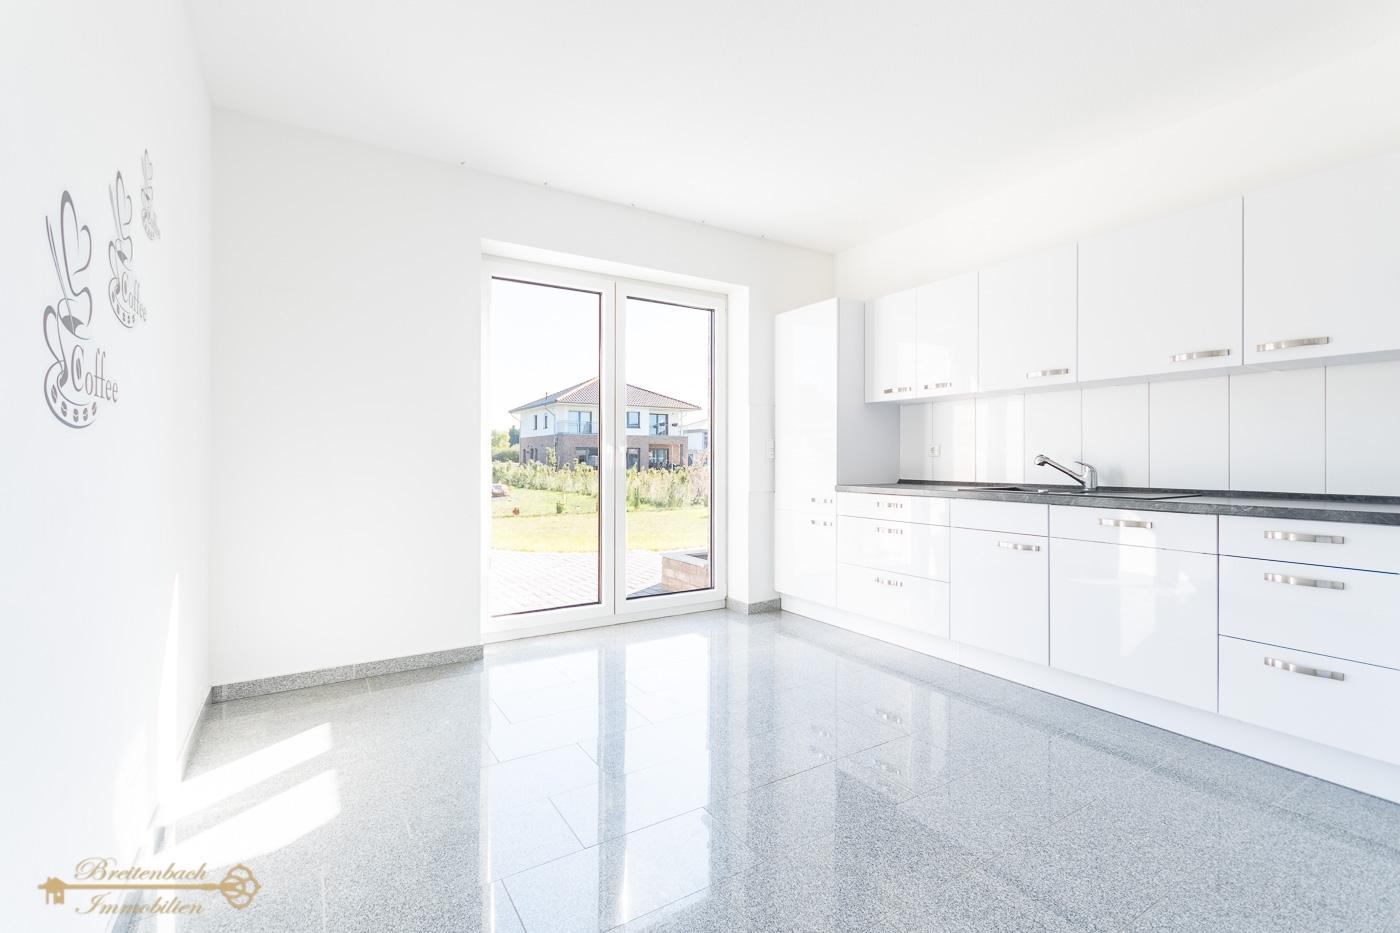 2019-09-21-Breitenbach-Immobilien-8